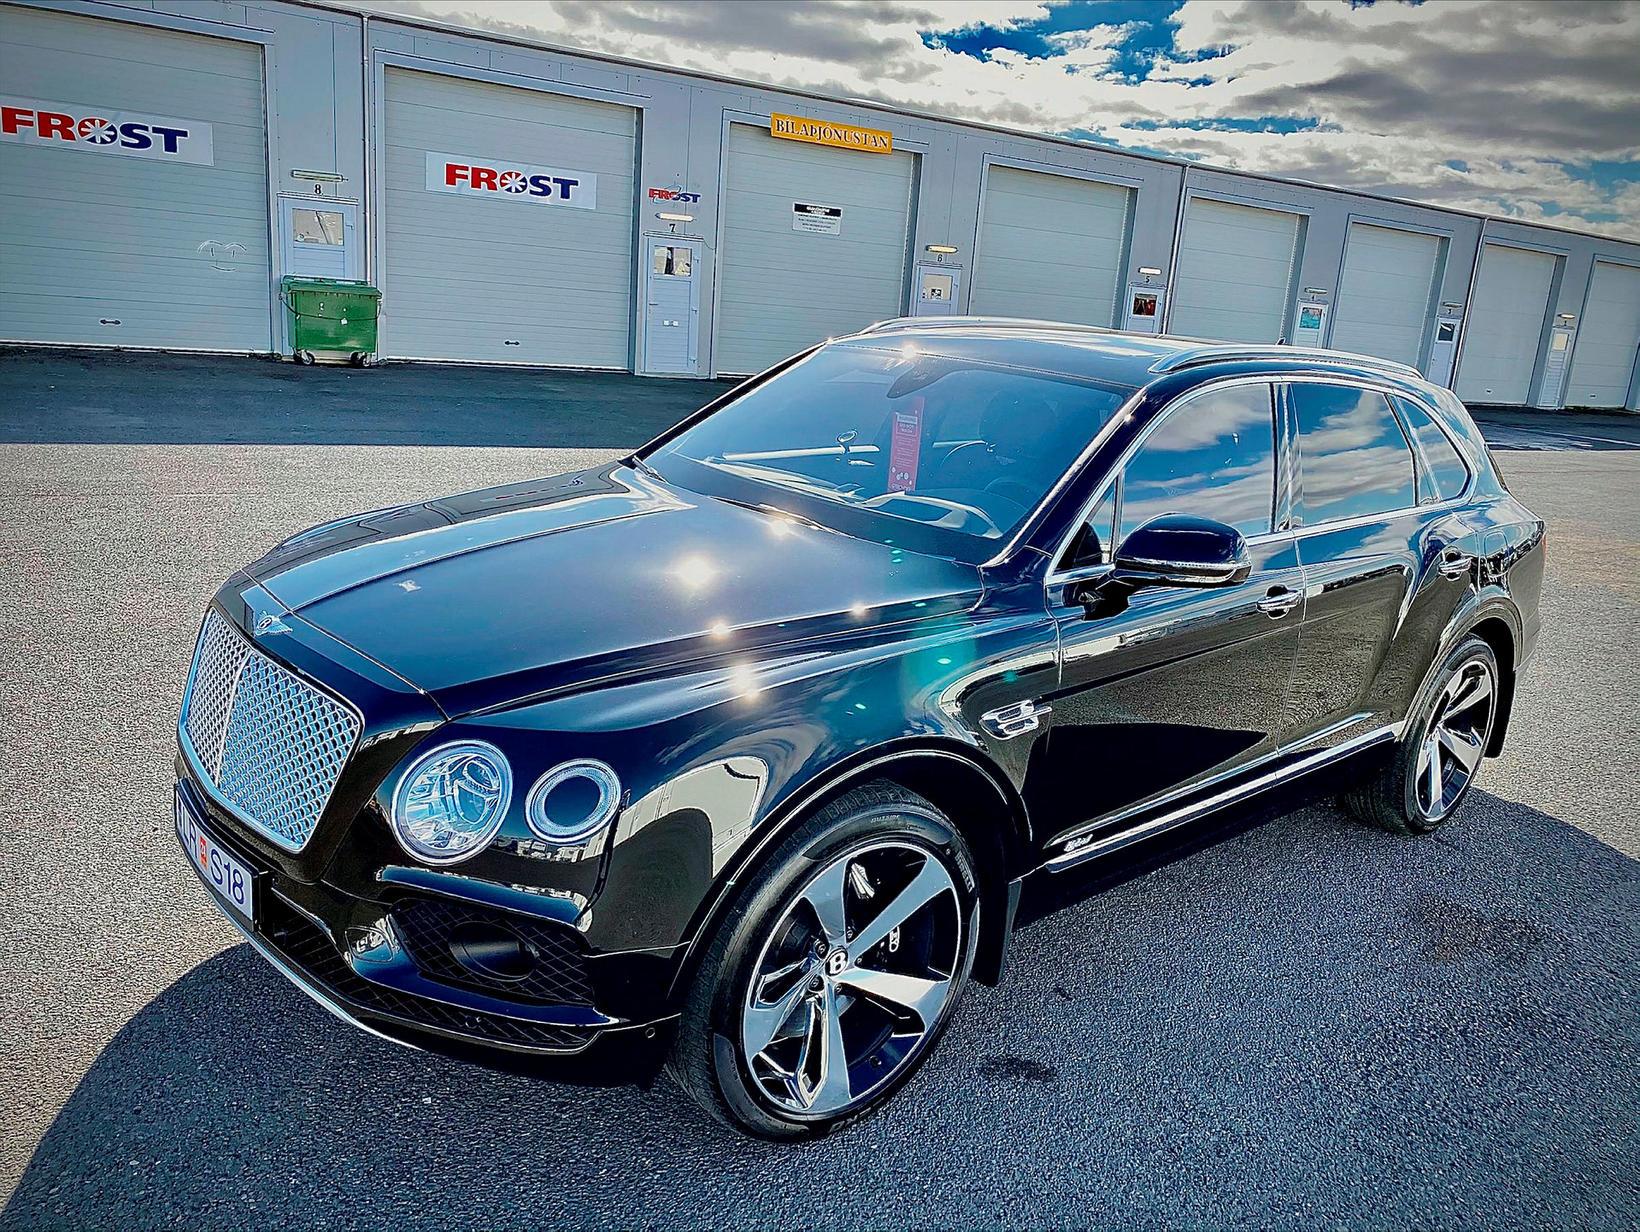 Hér má sjá Bentley sem Guðmundur gerði flottari en nýjan.